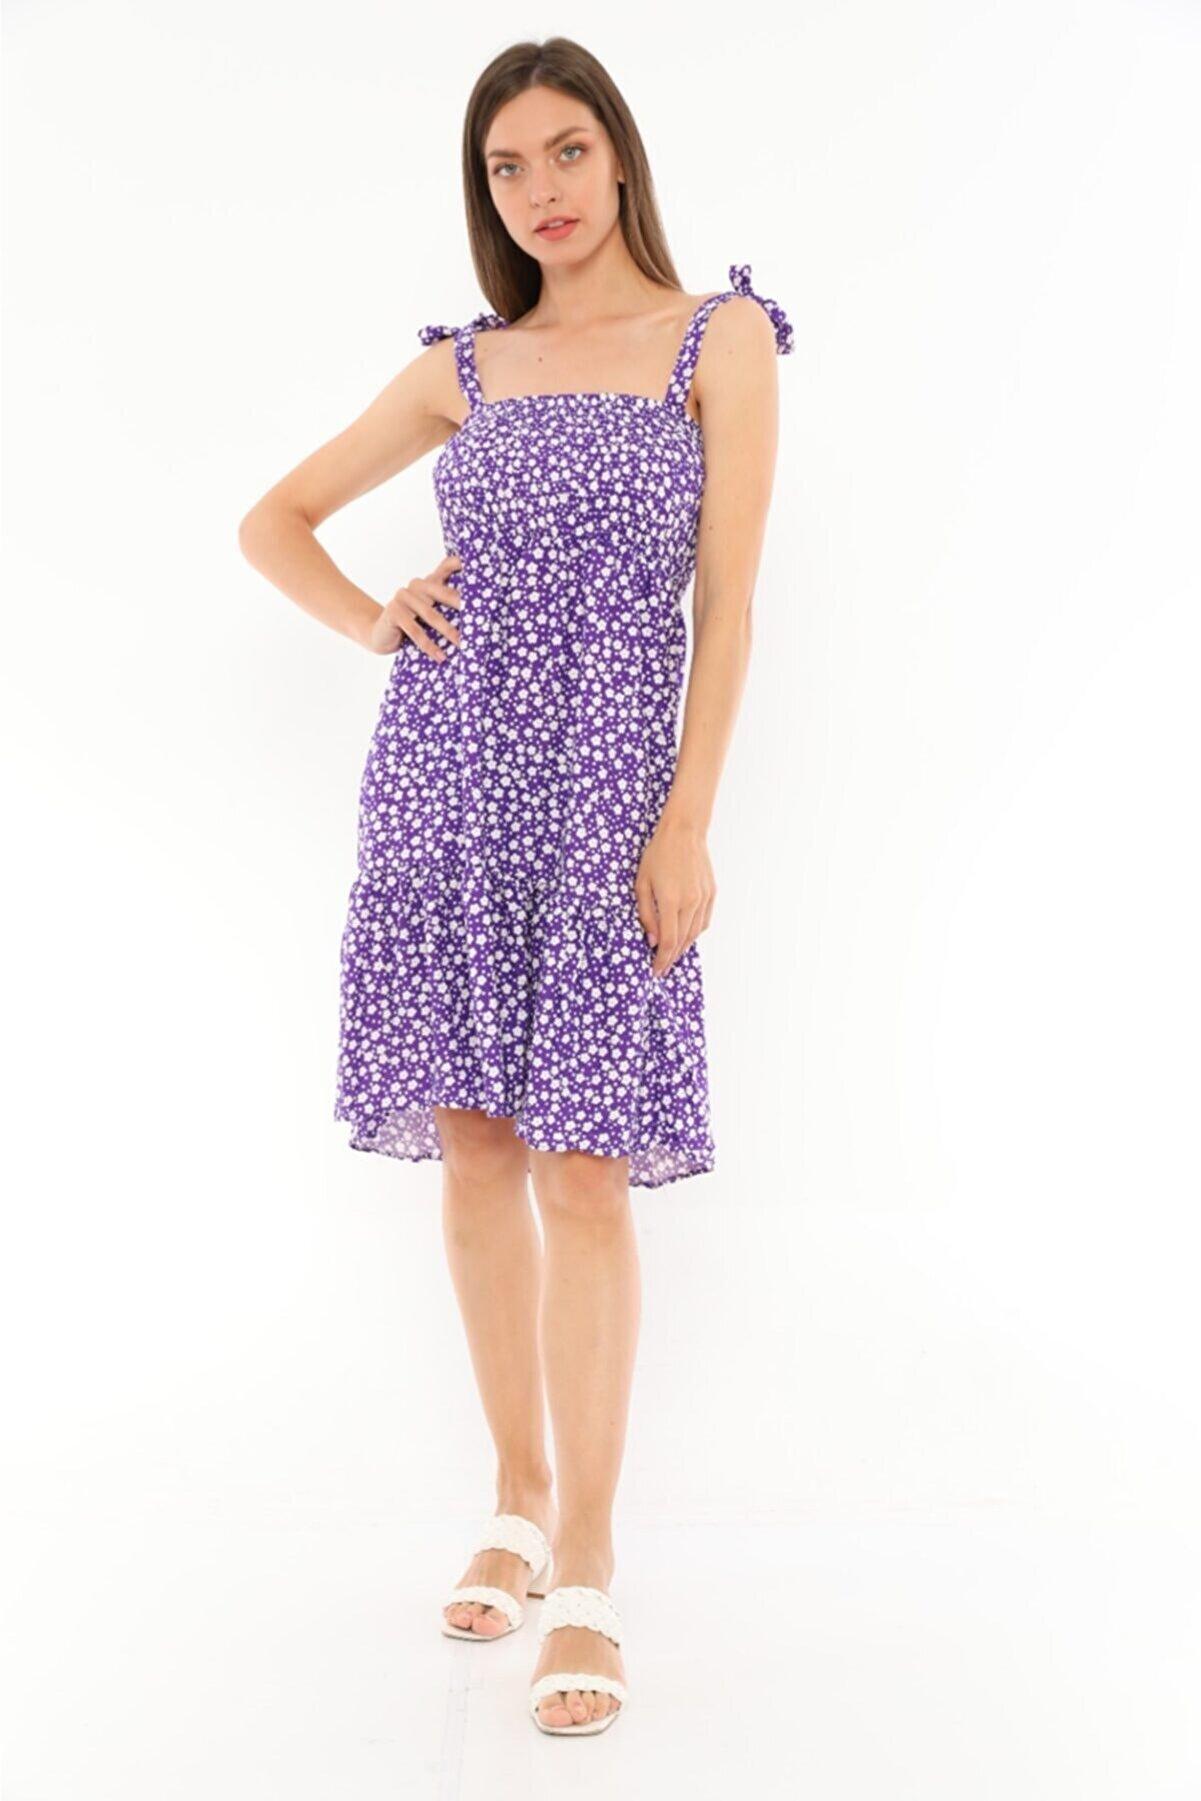 MadeModa Kadın Çiçek Desenli Askılı Midi Boy Elbise